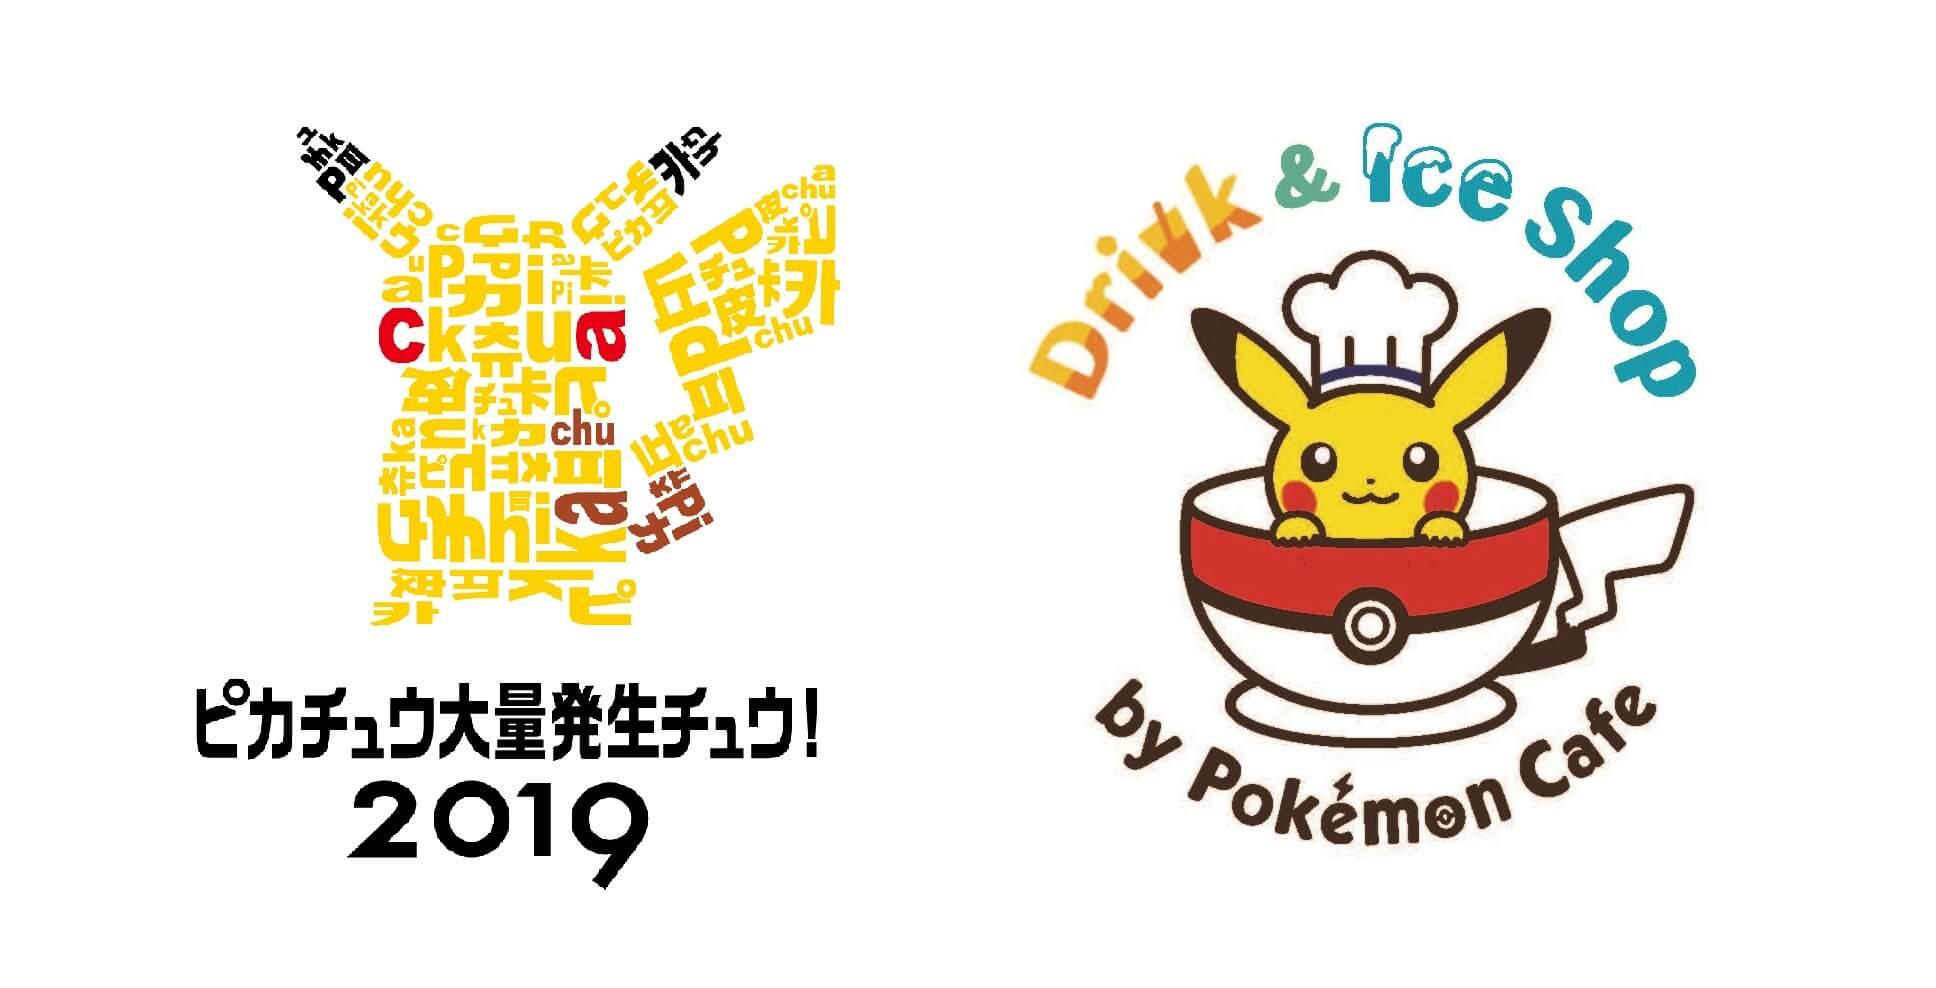 ピカチュウ大量発生チュウ! 横浜みなとみらい イベント Pikachu event yokohama メニュー menu